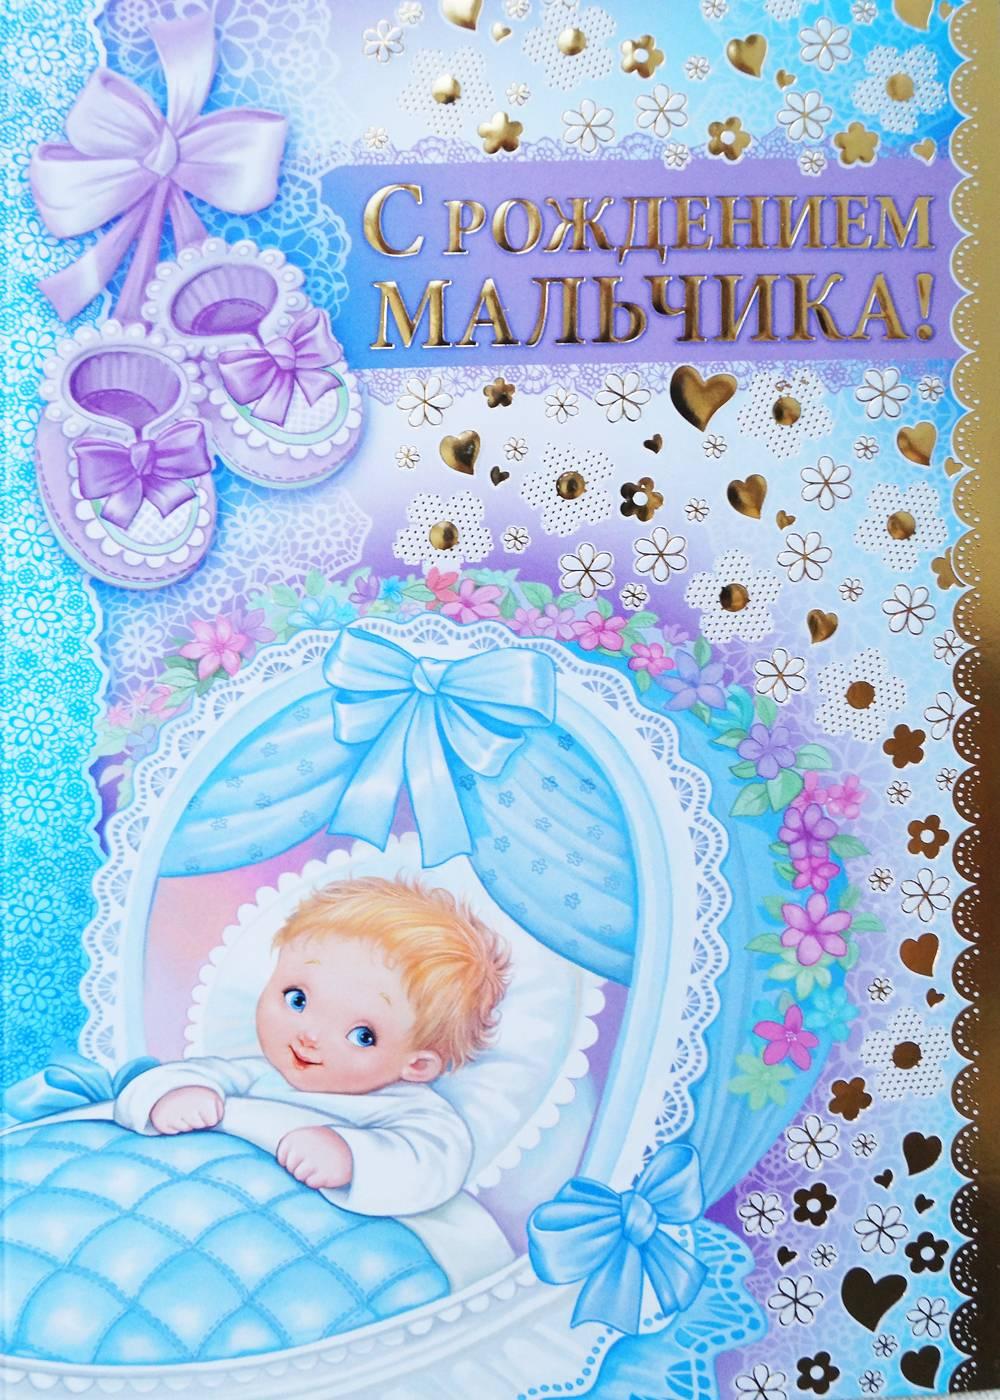 Поздравления в связи с рождением ребенка 12